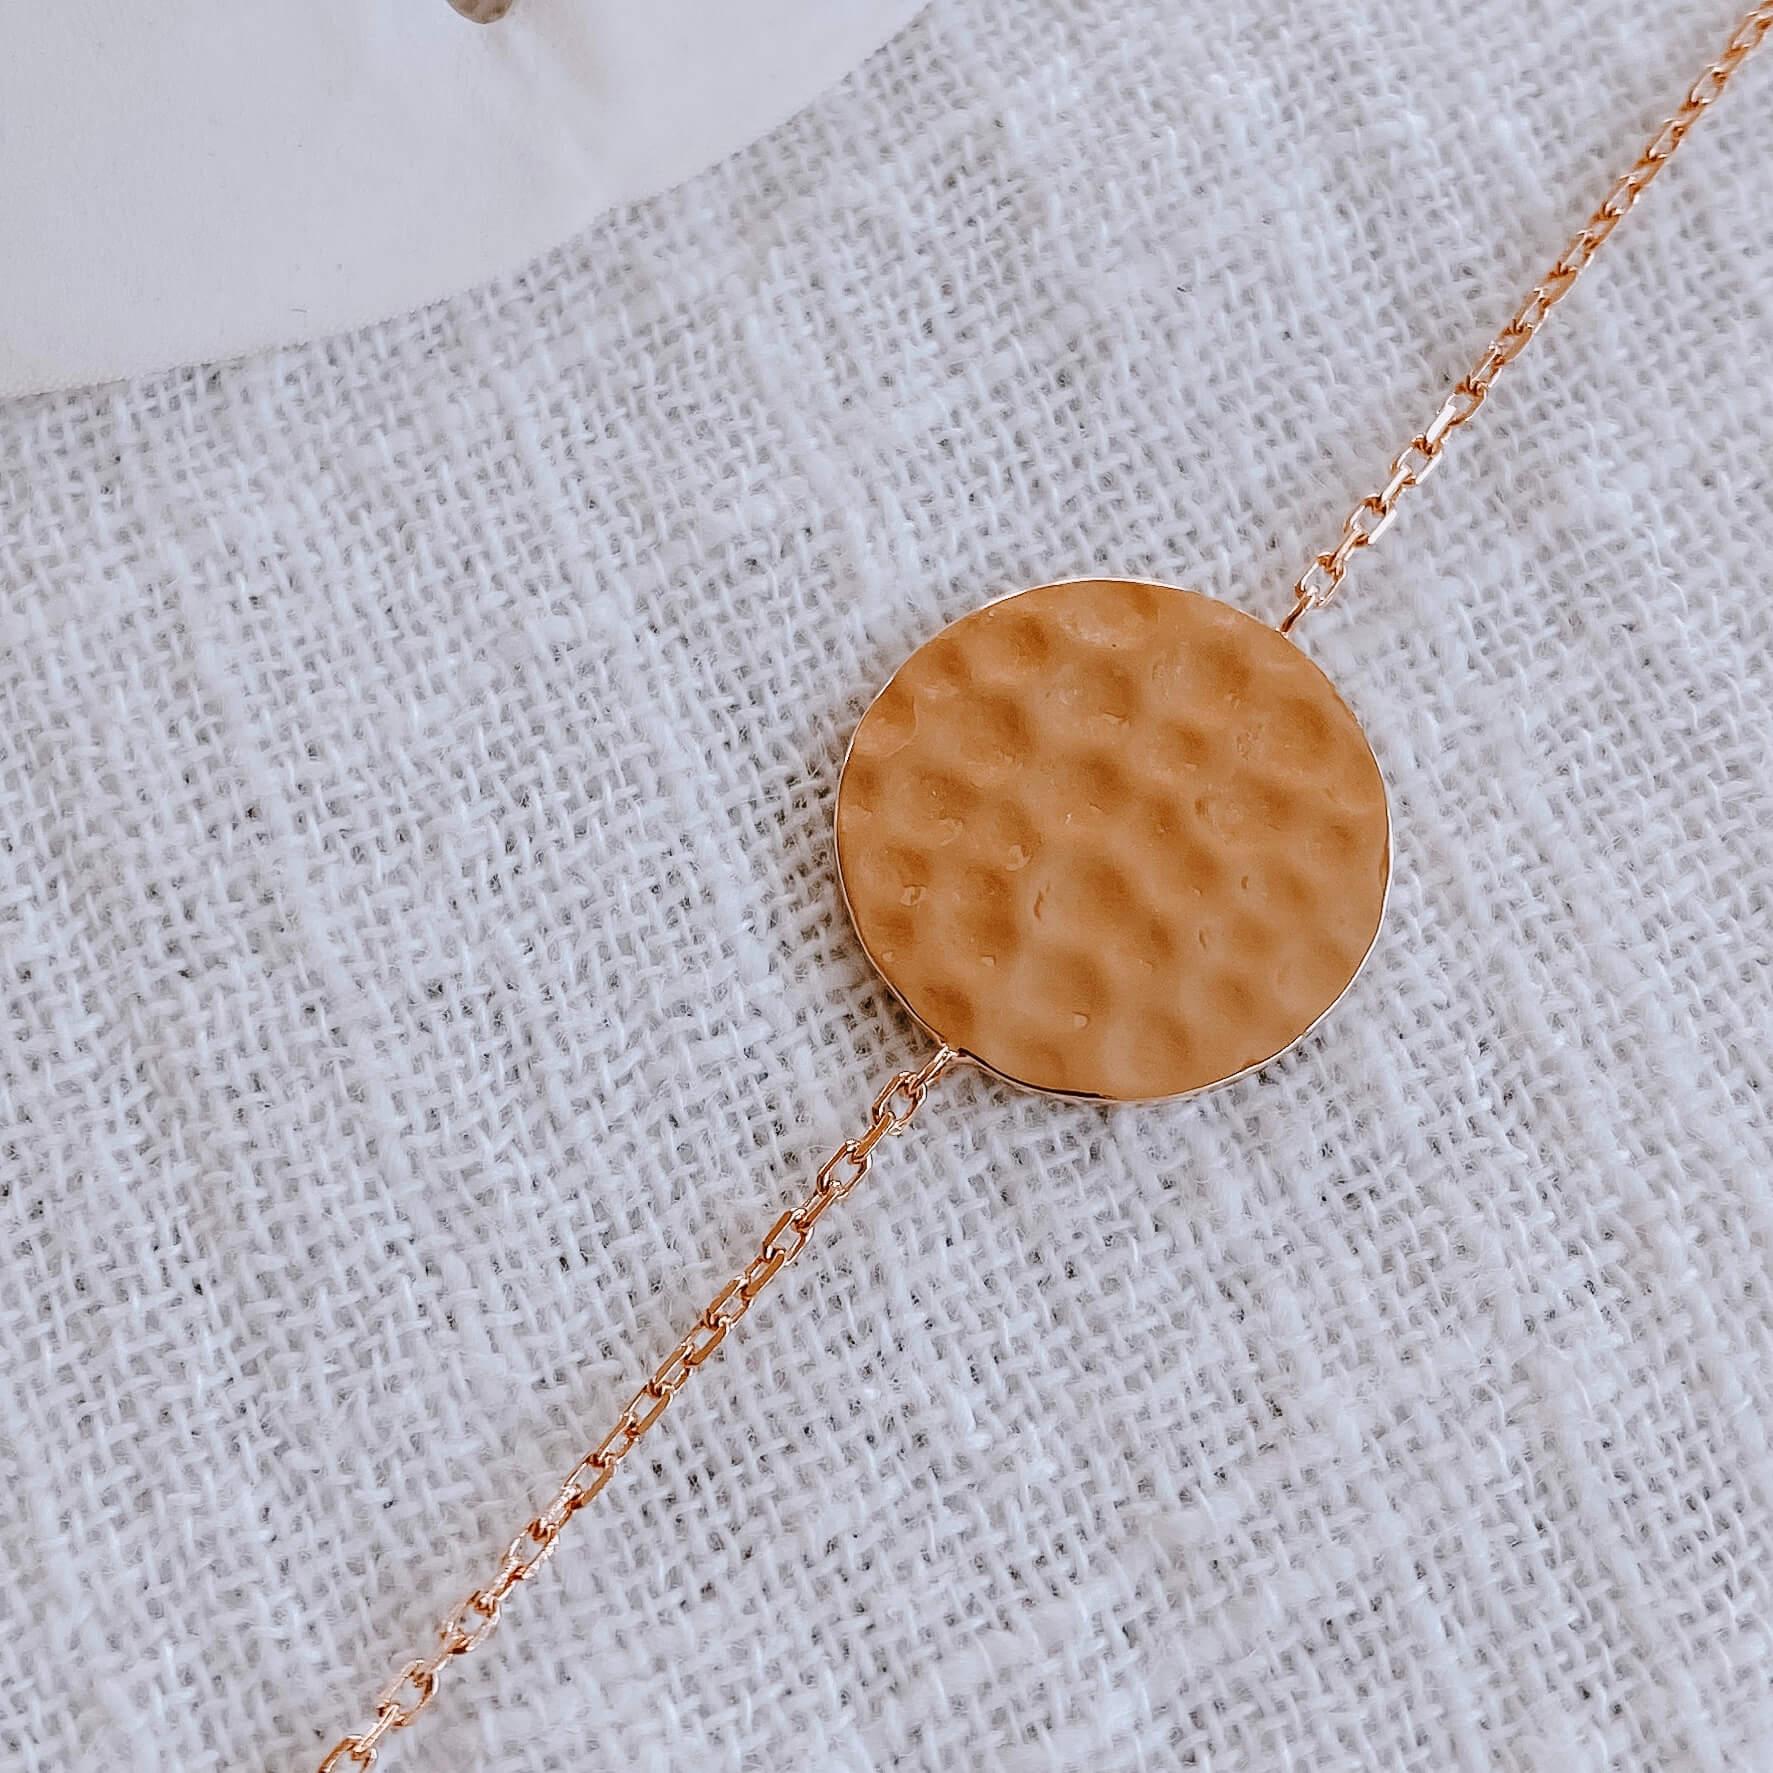 Bracelet Micheline - Bracelet femme plaqué or Cénélia